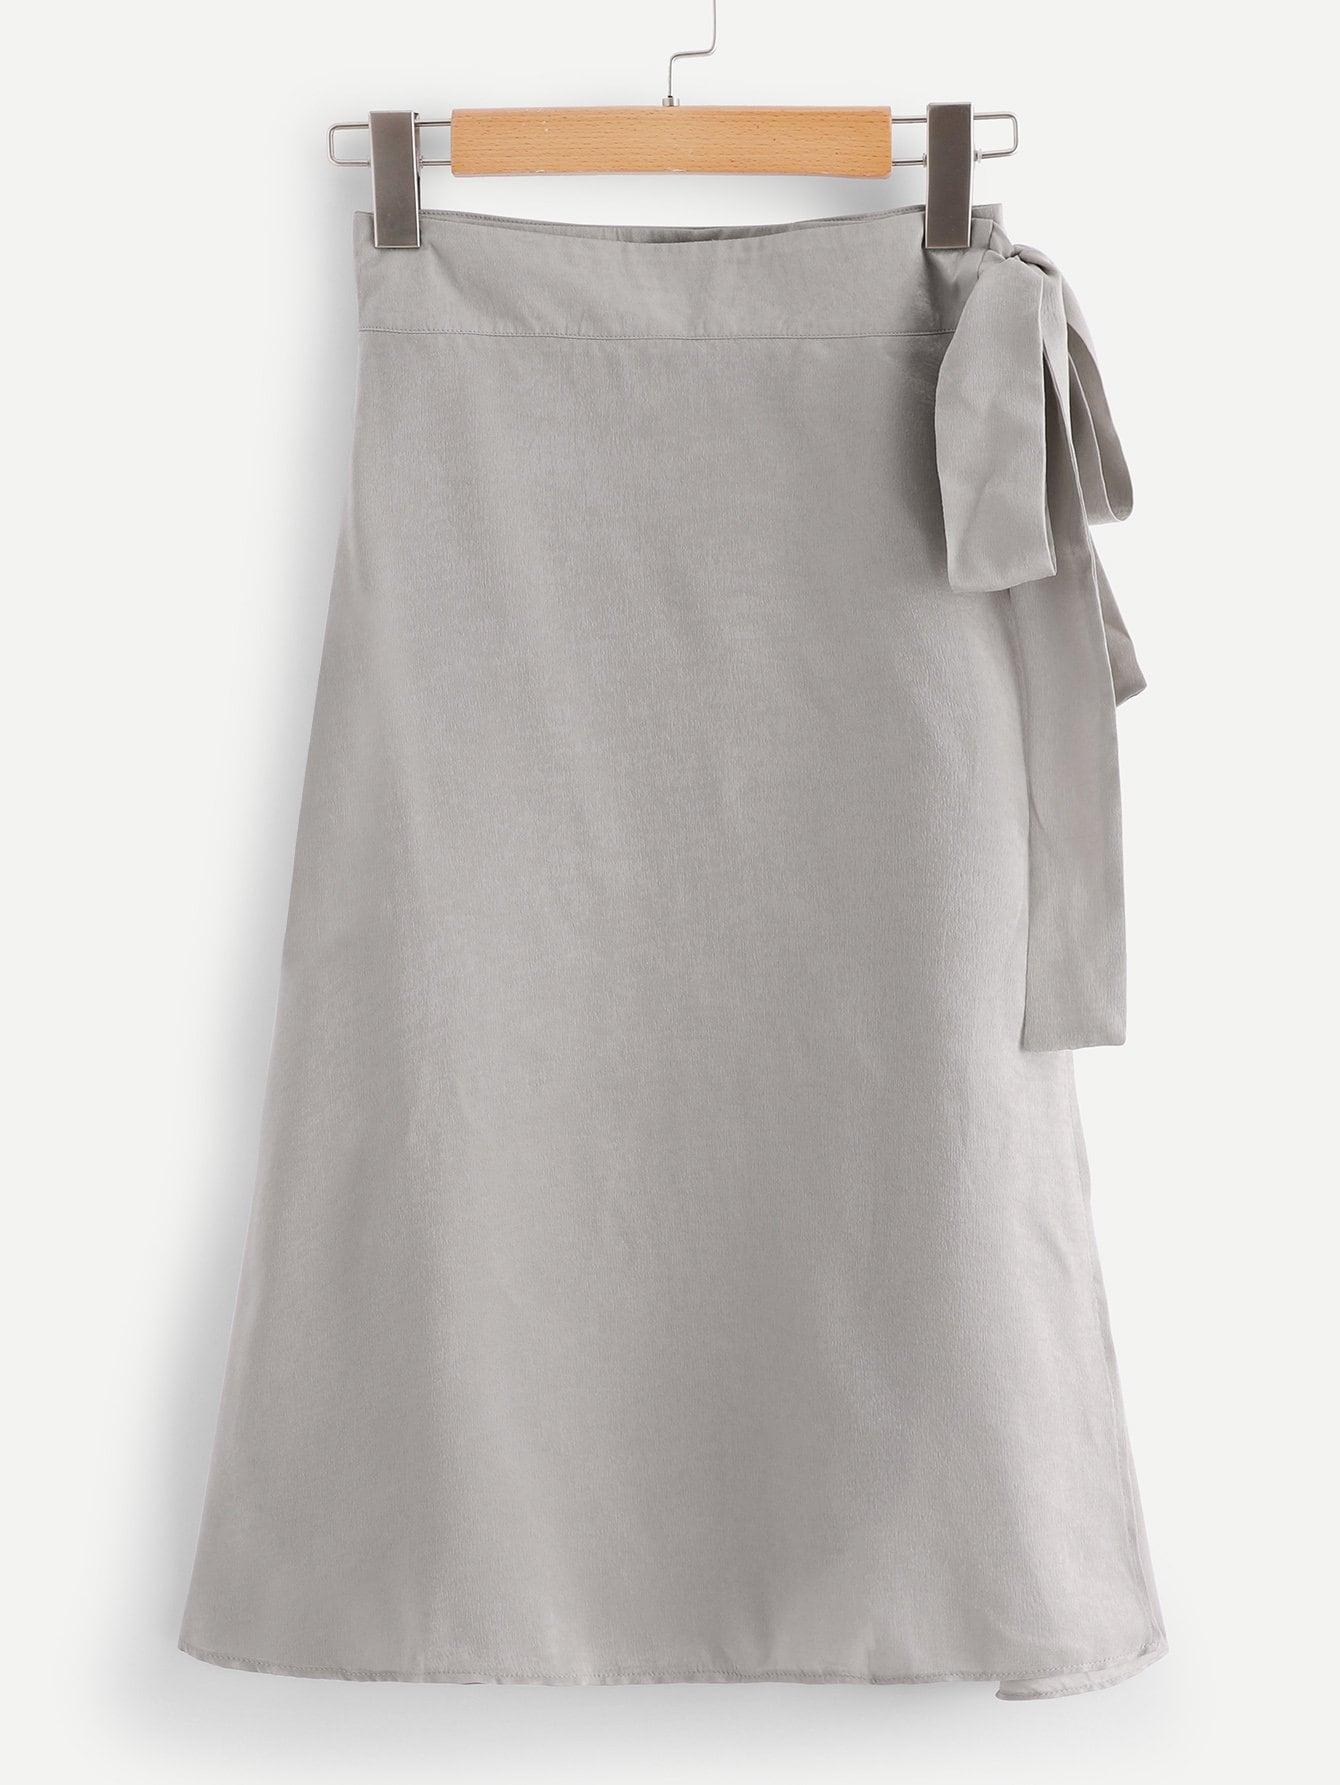 Купить Толстая юбка с широкой талией, null, SheIn